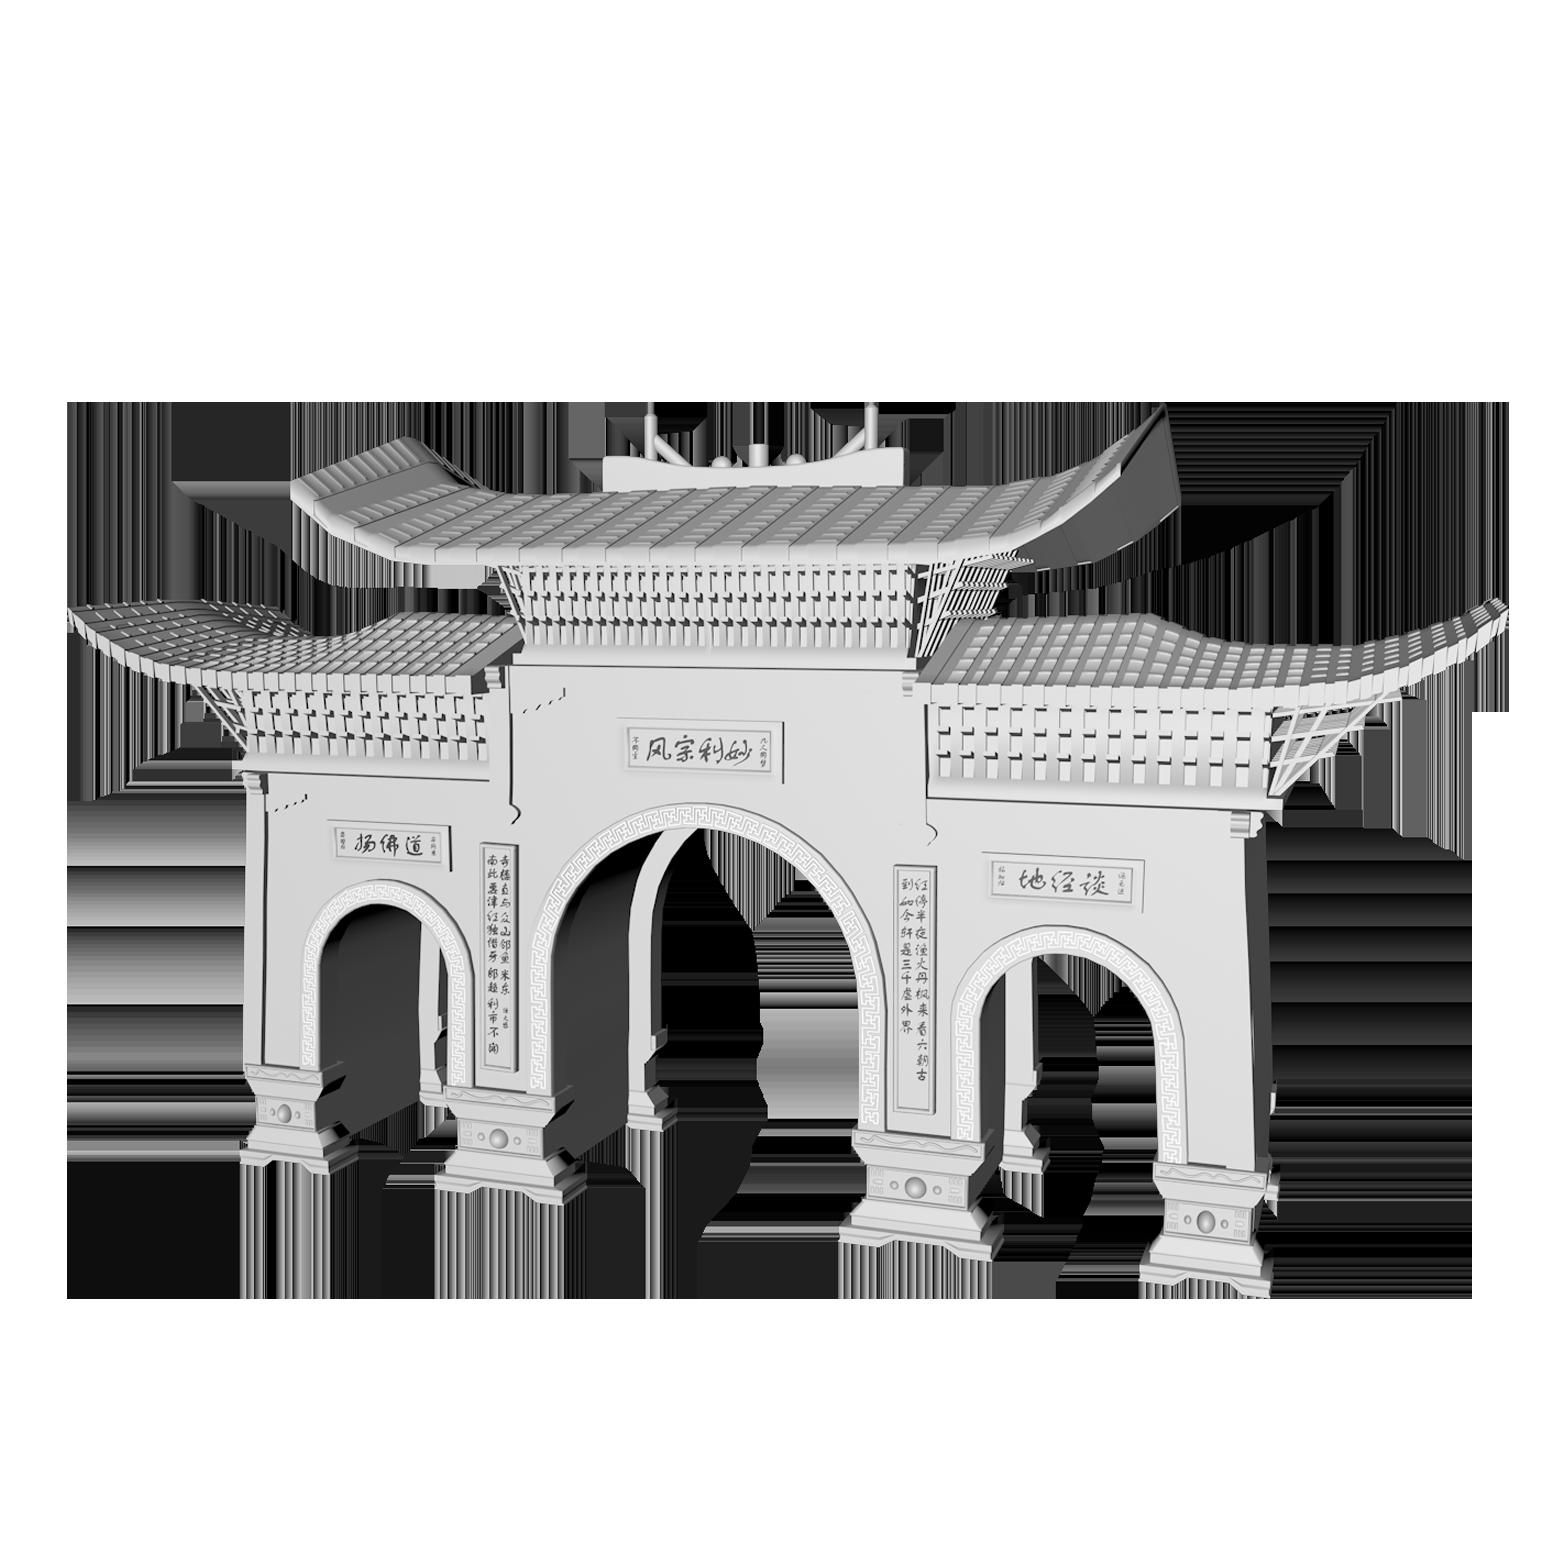 c4d建筑3d可以设计开发苏州结合文创青春(毕设)#答卷产品2017学平面设计的打印找那些v青春图片